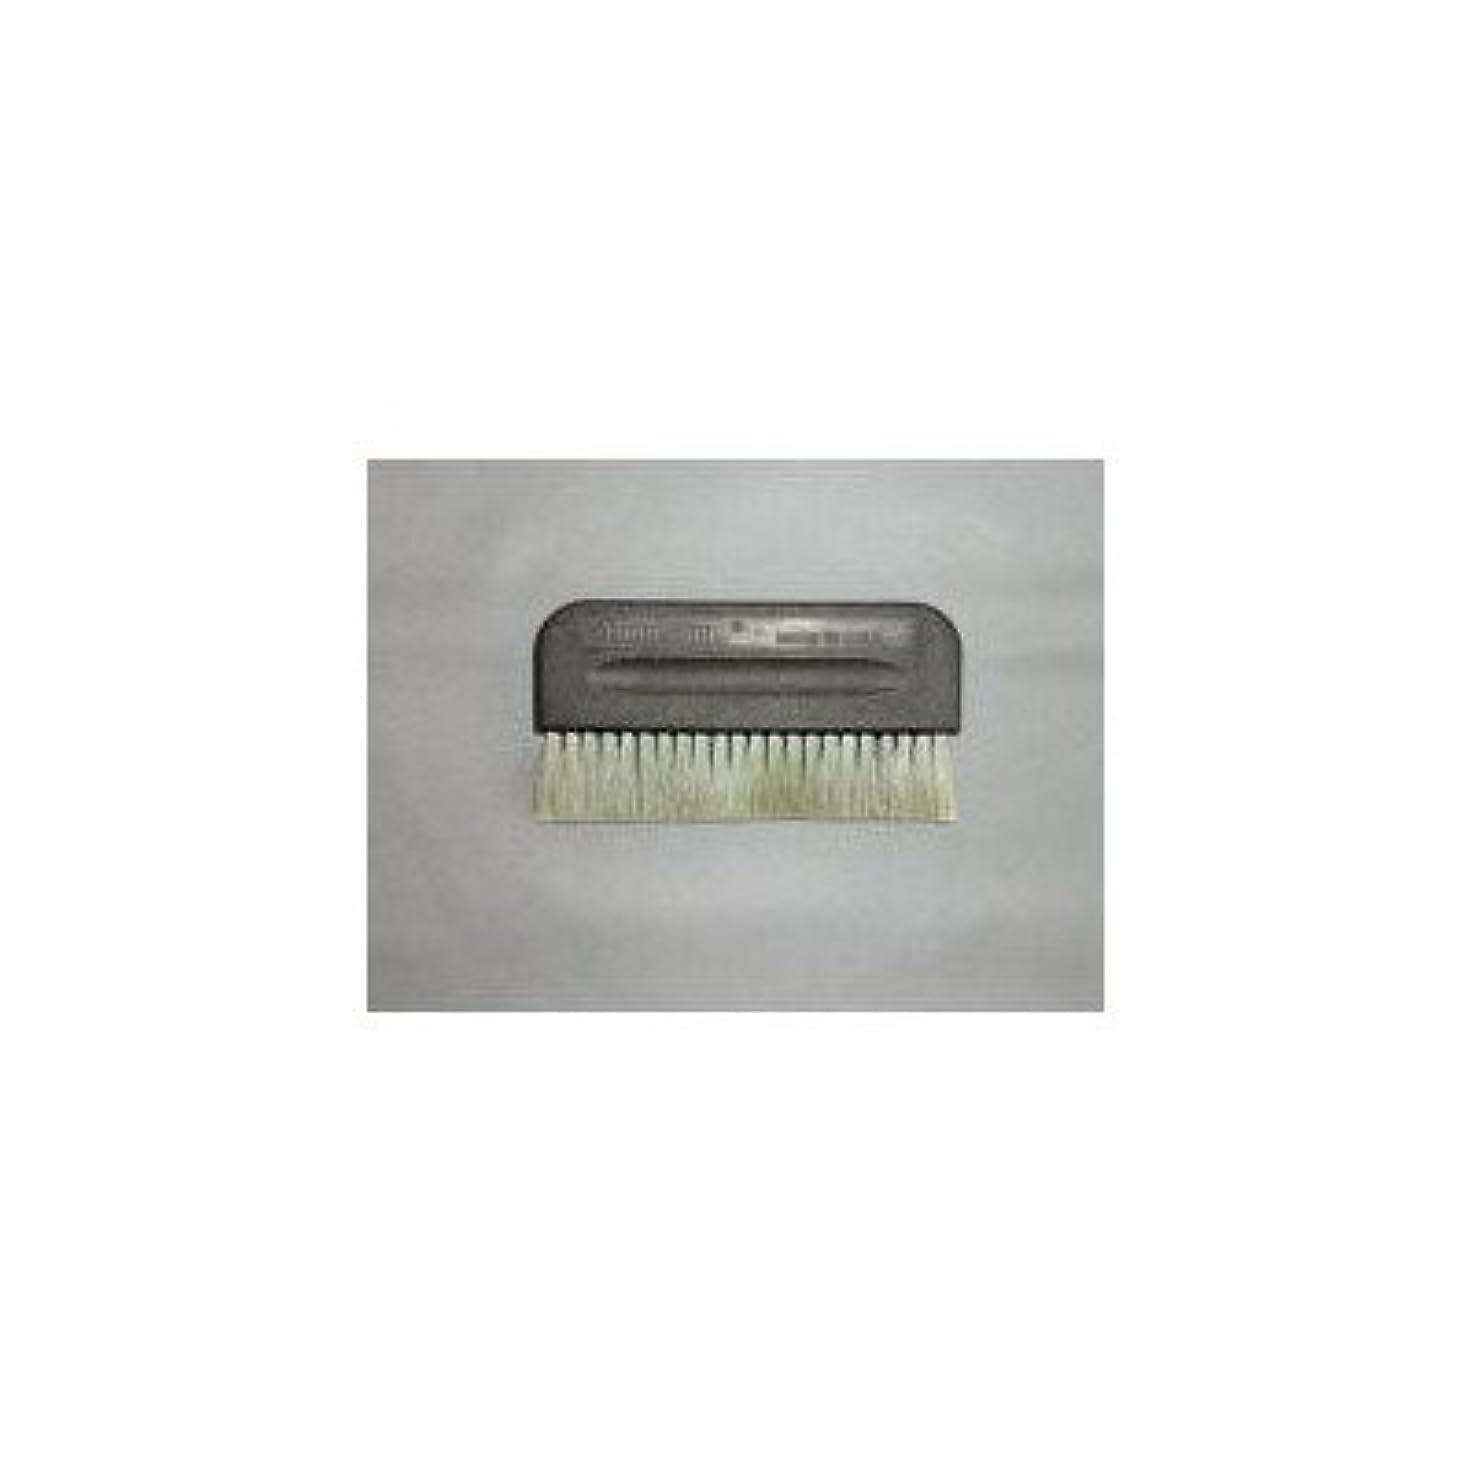 ゼリーモデレータ文明サンブラシP-100